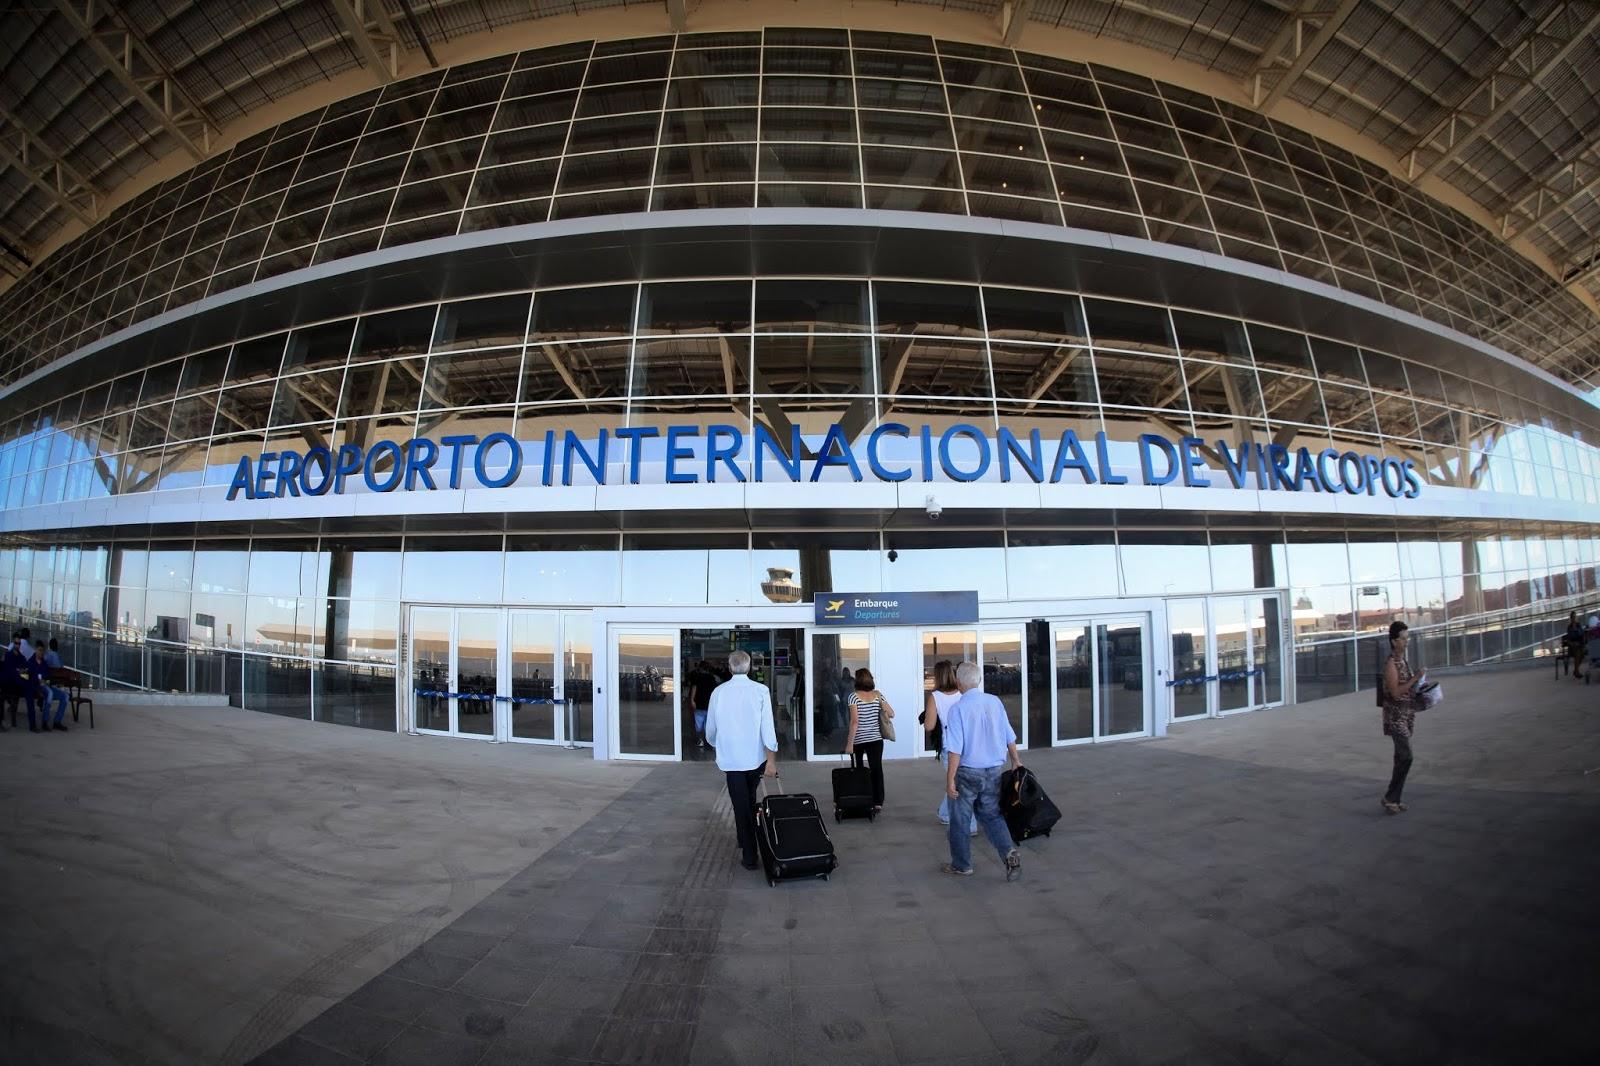 Viracopos inicia 2019 com crescimento de passageiros e mantém tendência de alta | É MAIS QUE VOAR